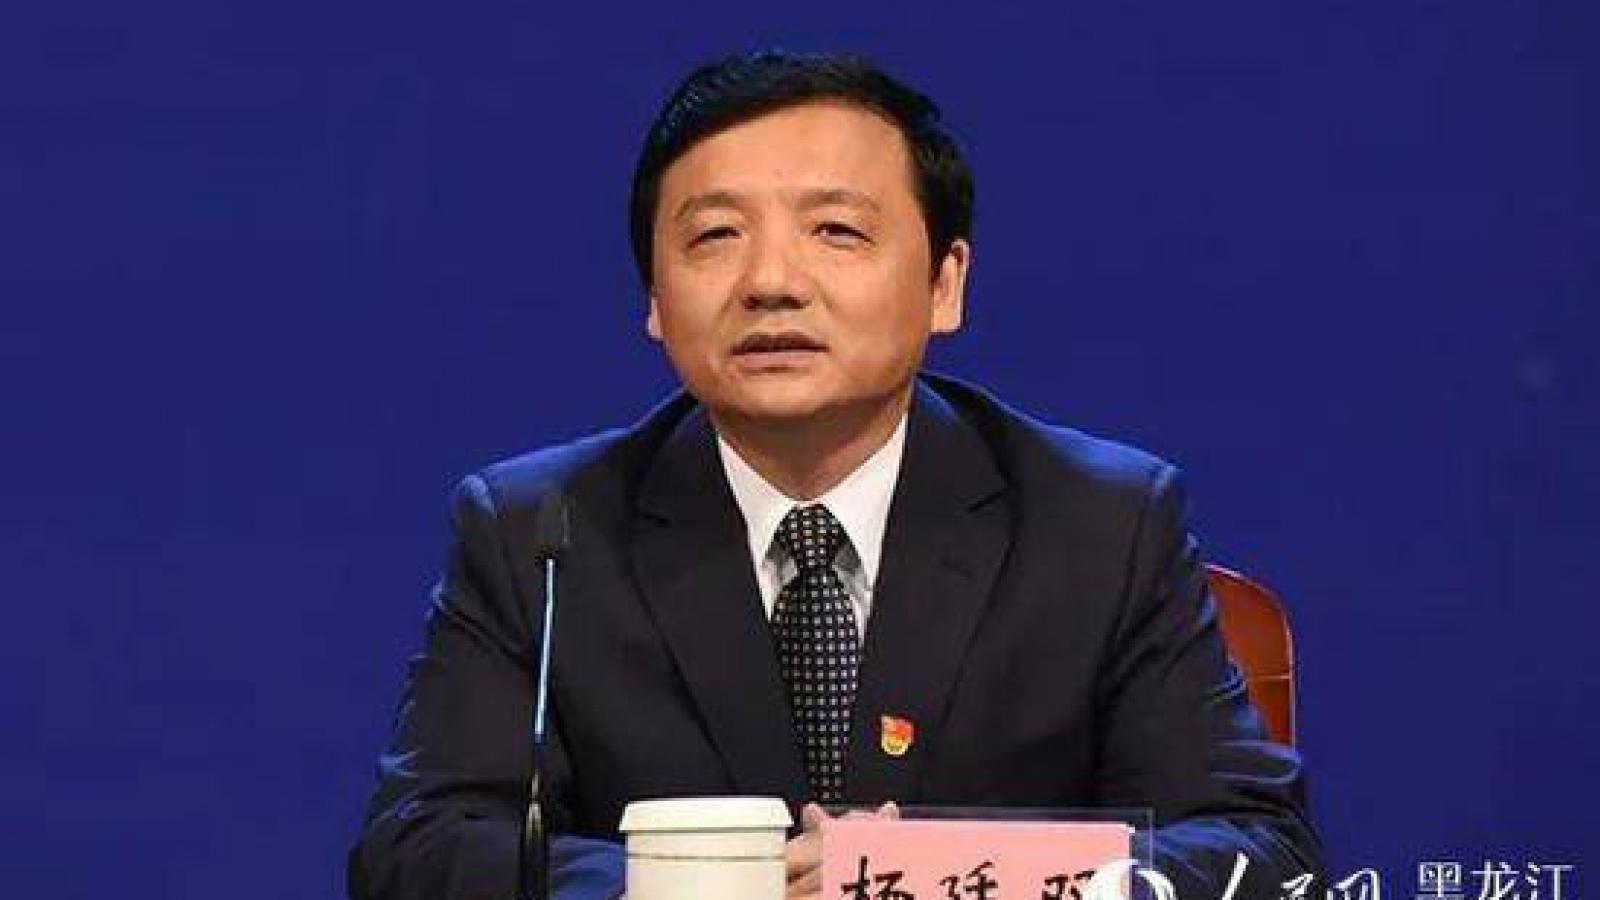 Thành phố Trung Quốc thay Bí thư do có nhiều ca Covid-19 không triệu chứng